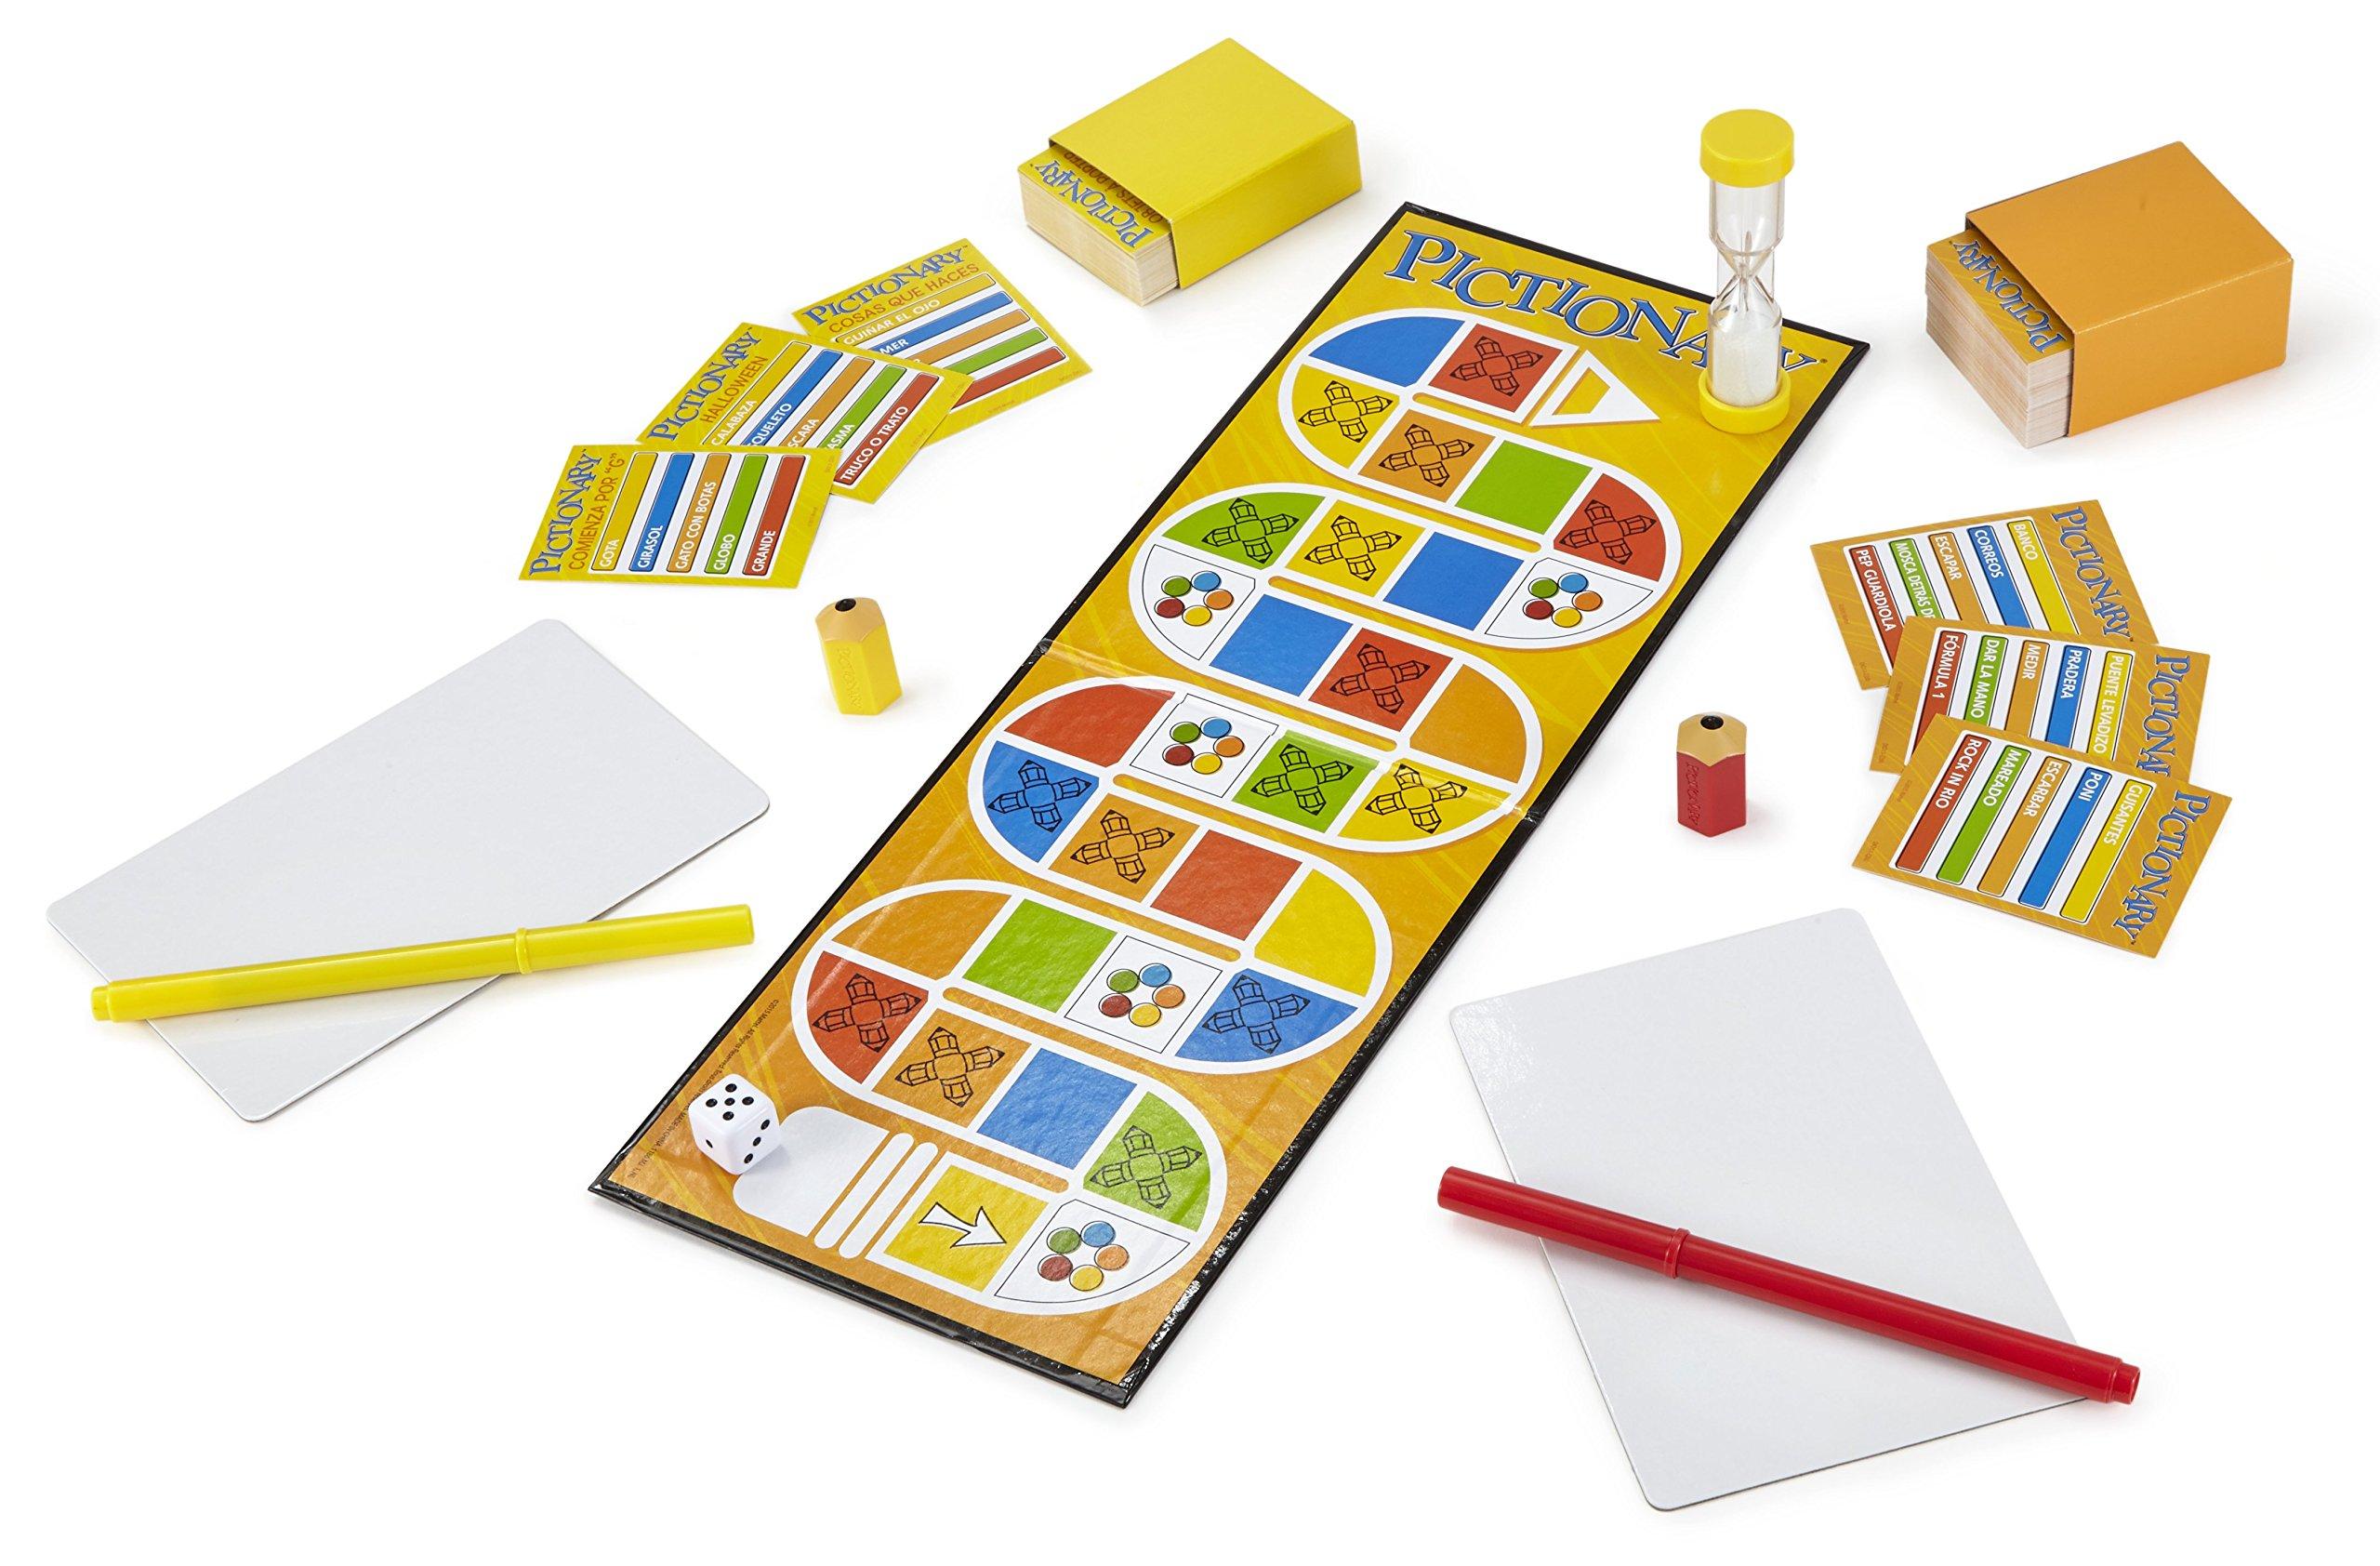 Comprar Mattel Games - Pictionary, Juegos de Mesa  (Mattel DKD51)